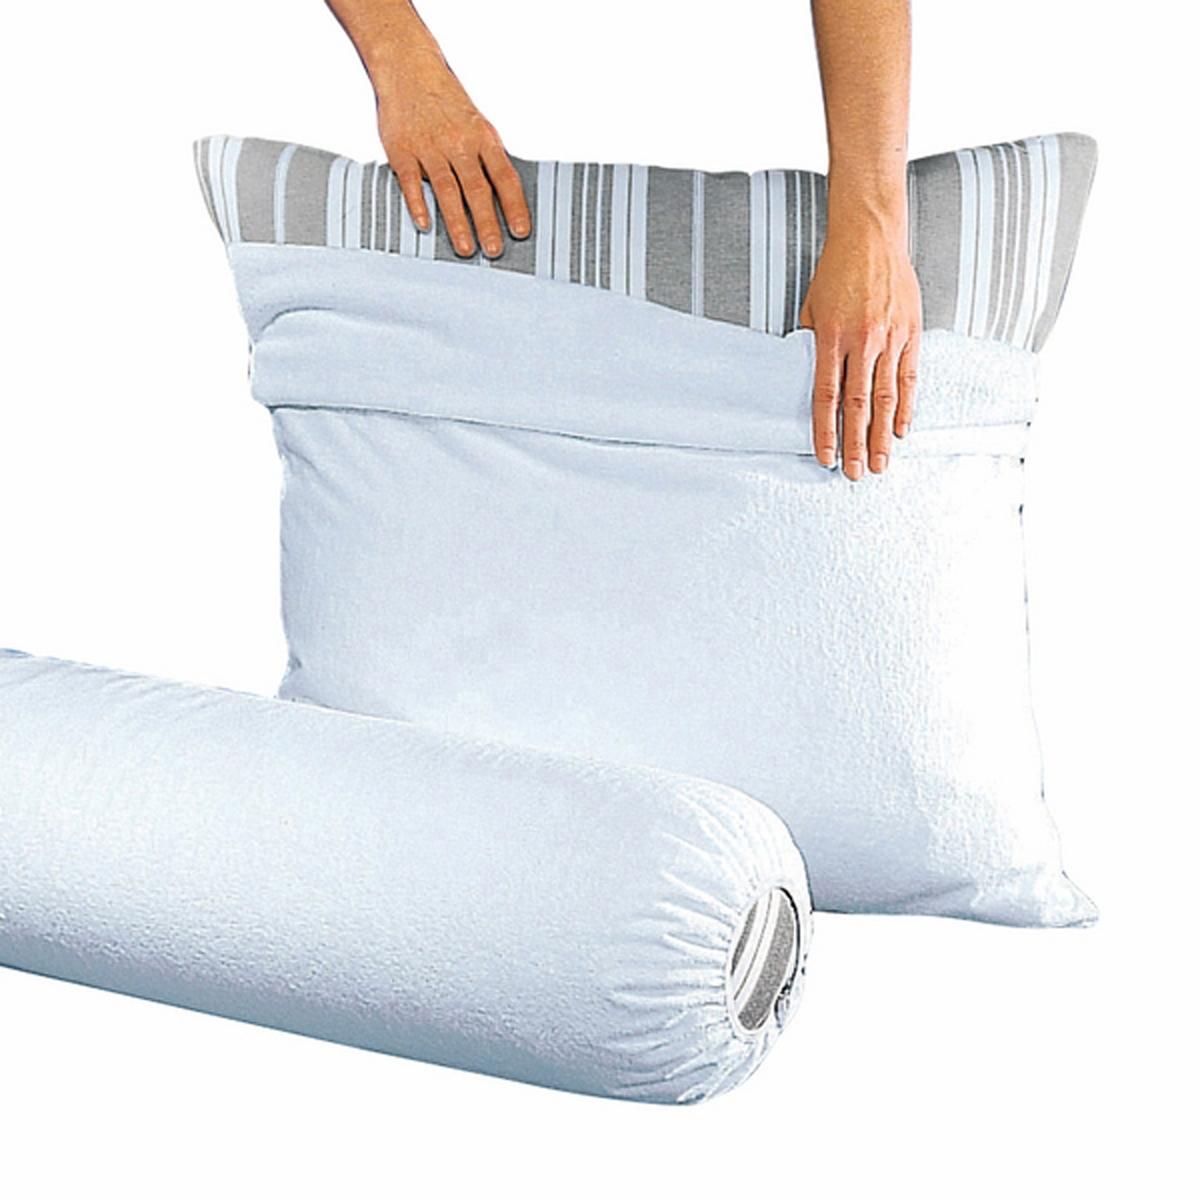 Чехол защитный для подушки, водонепроницаемый